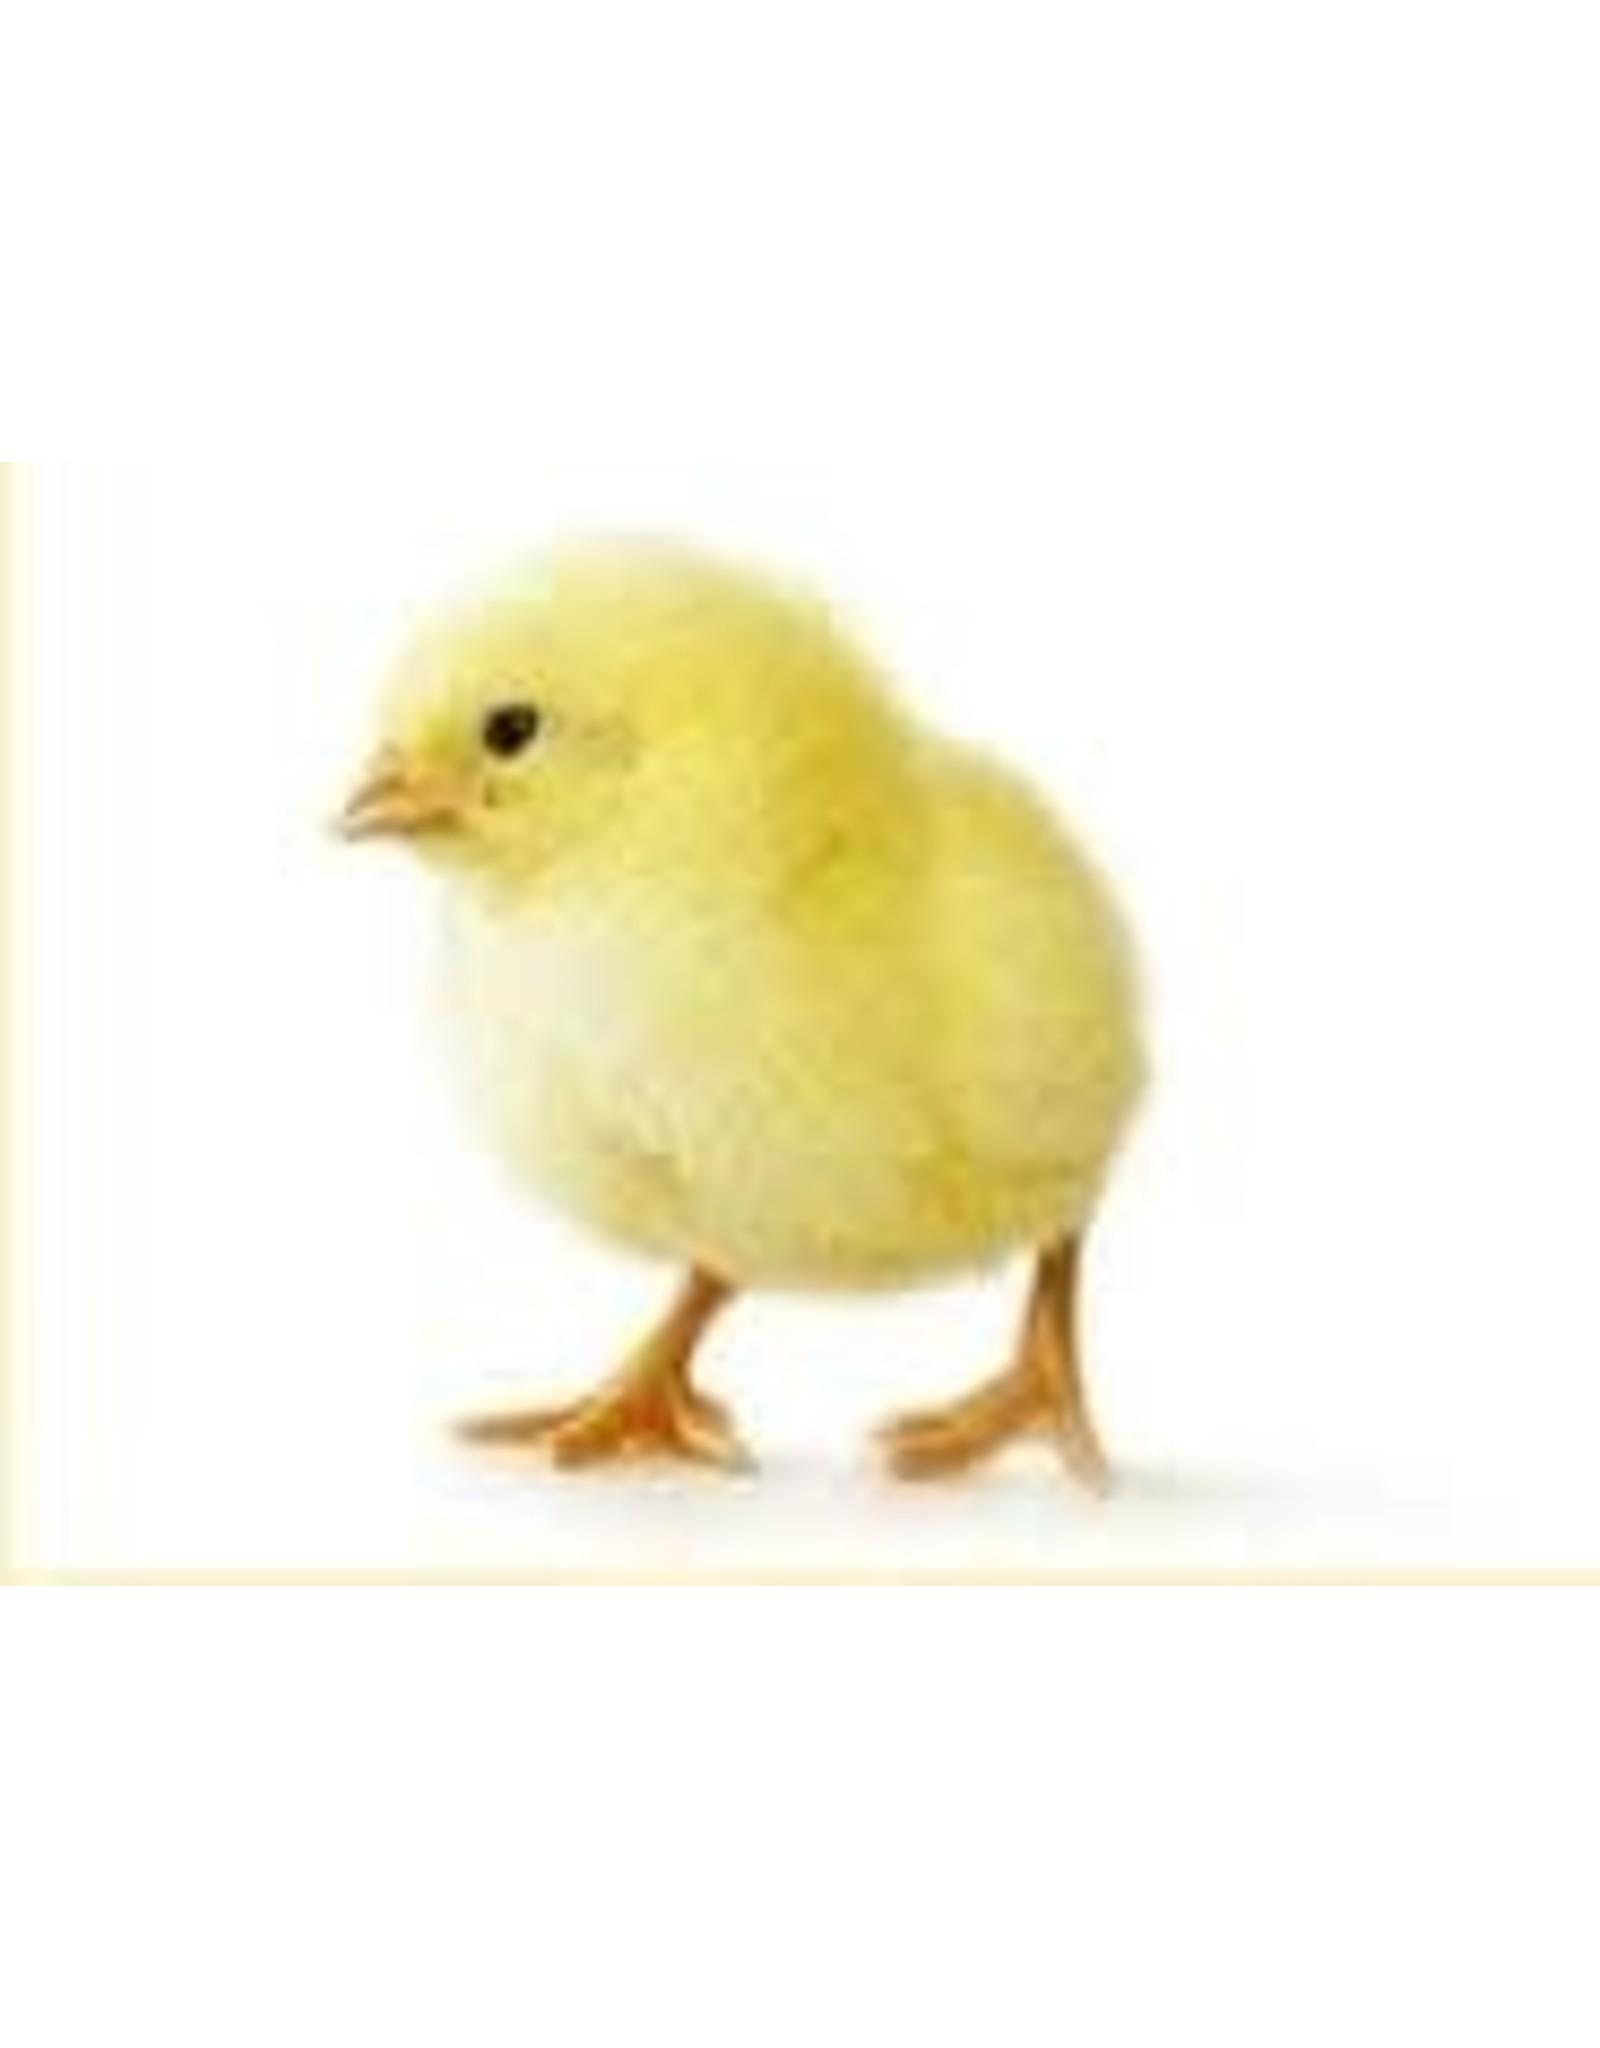 Couvoir Dumont poulet a chair 1 jour, mâle 20/05/20